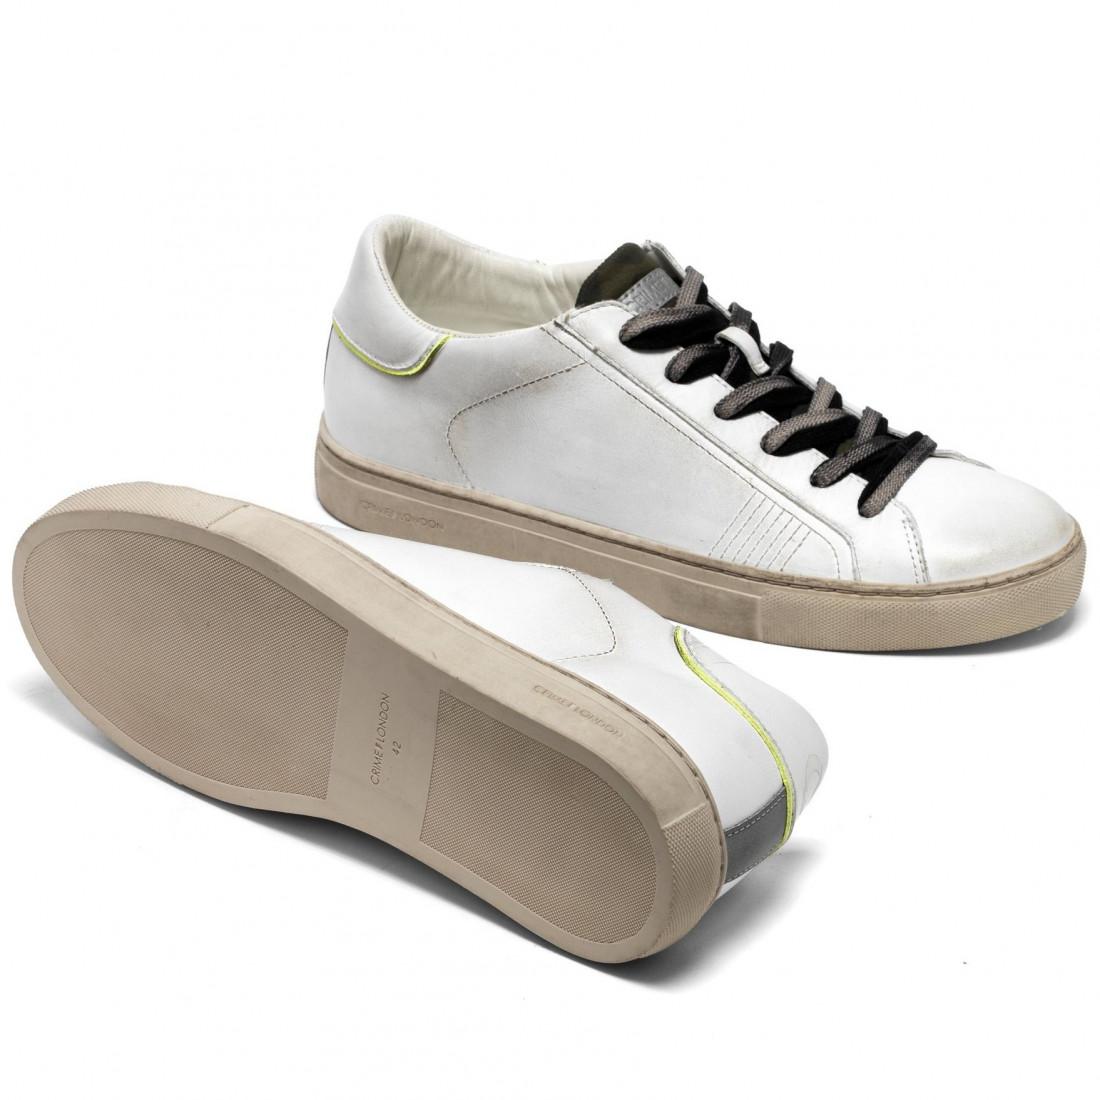 sneakers herren crime london 1160310 bianco 7857